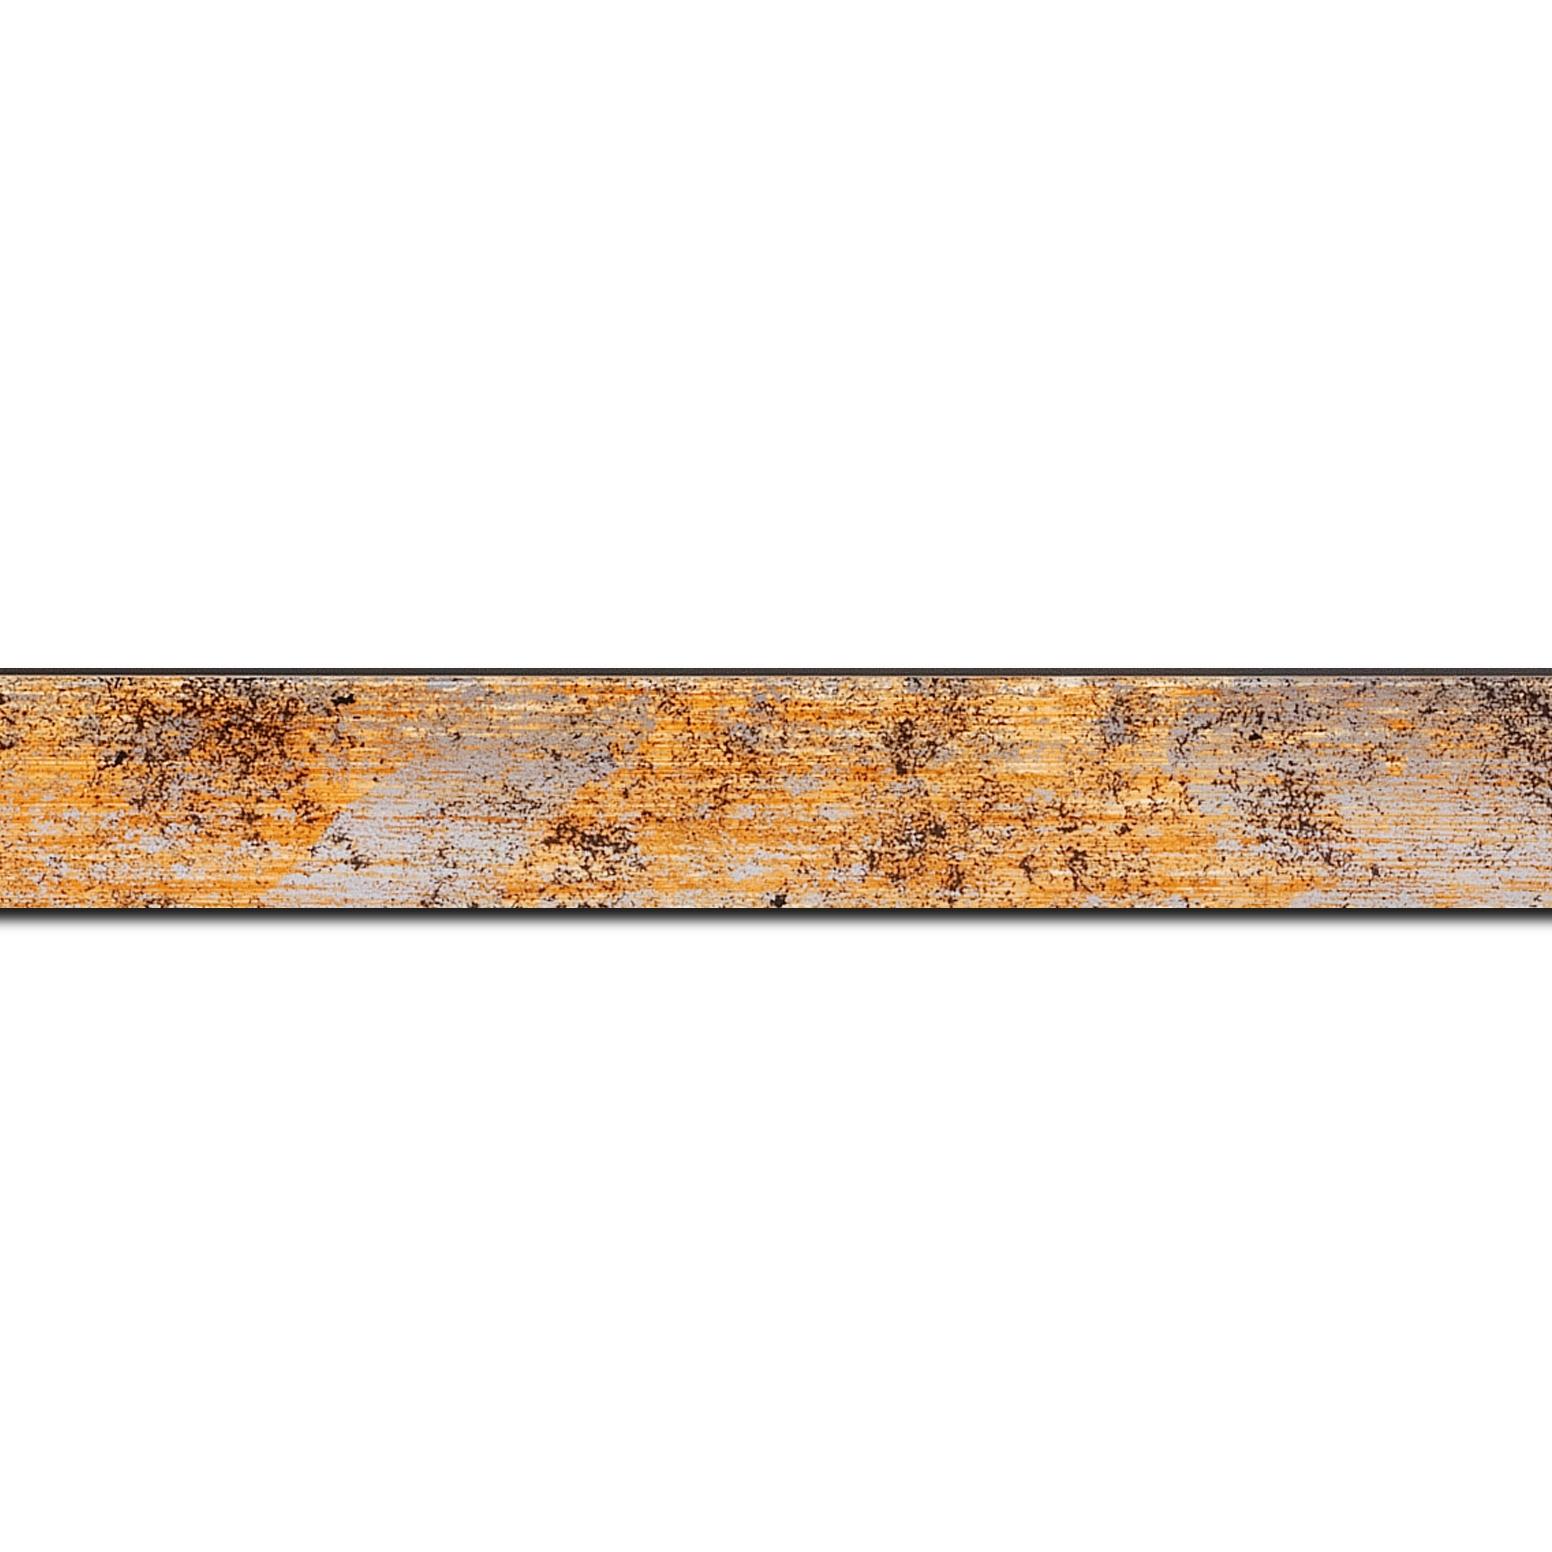 Pack par 12m, bois profil concave largeur 2.4cm de couleur orange moucheté fond argent (longueur baguette pouvant varier entre 2.40m et 3m selon arrivage des bois)